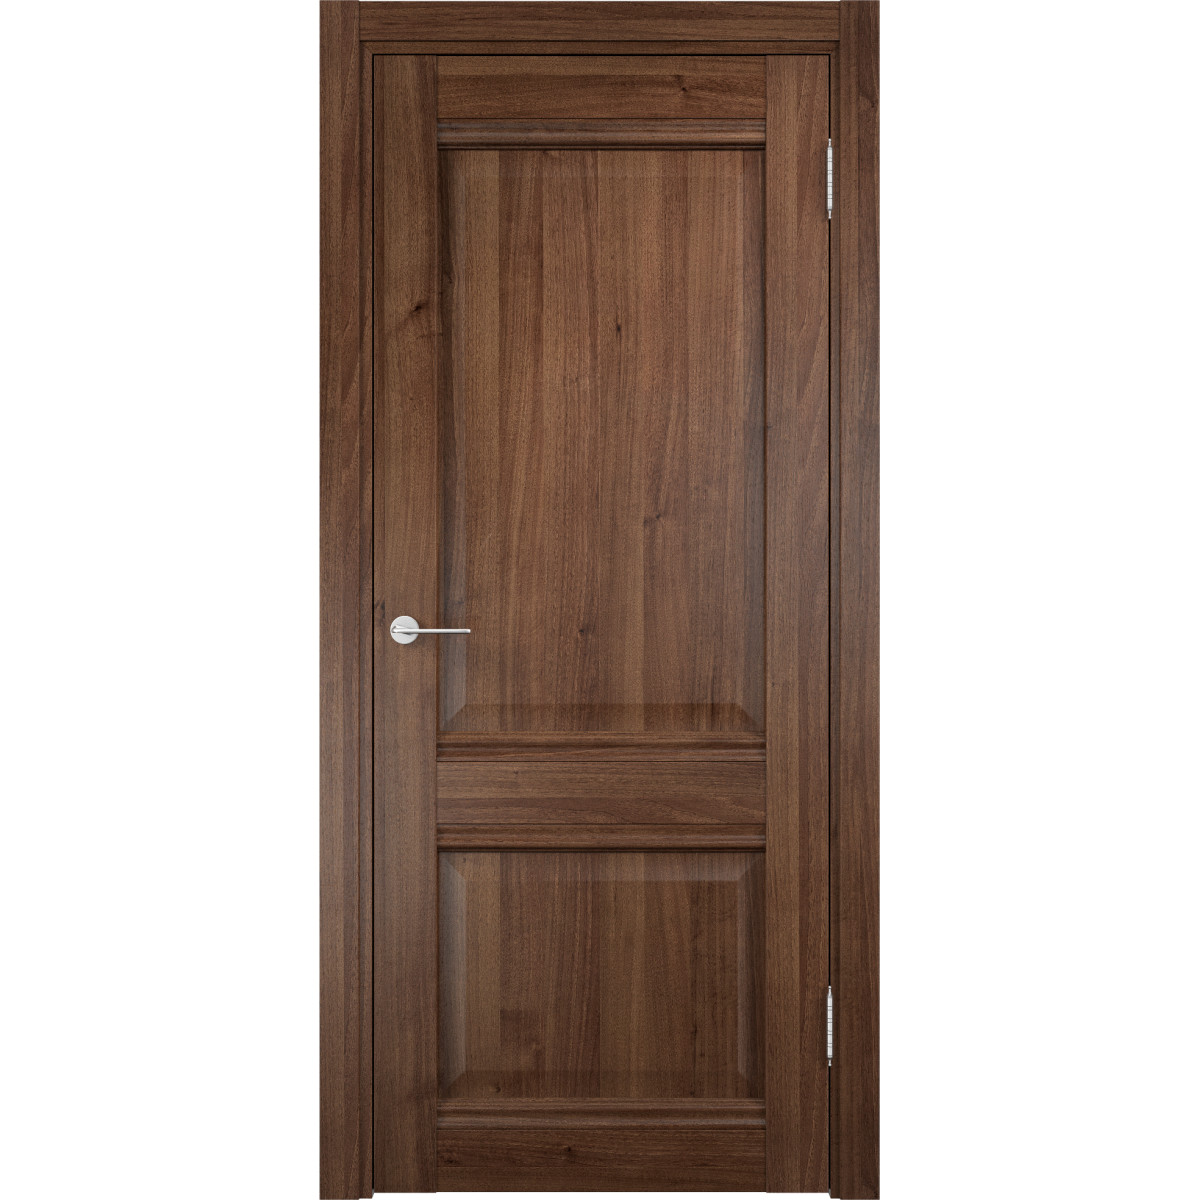 Дверное полотно Casaporte Милан МП_0175 2000х900х44 мм МДФ